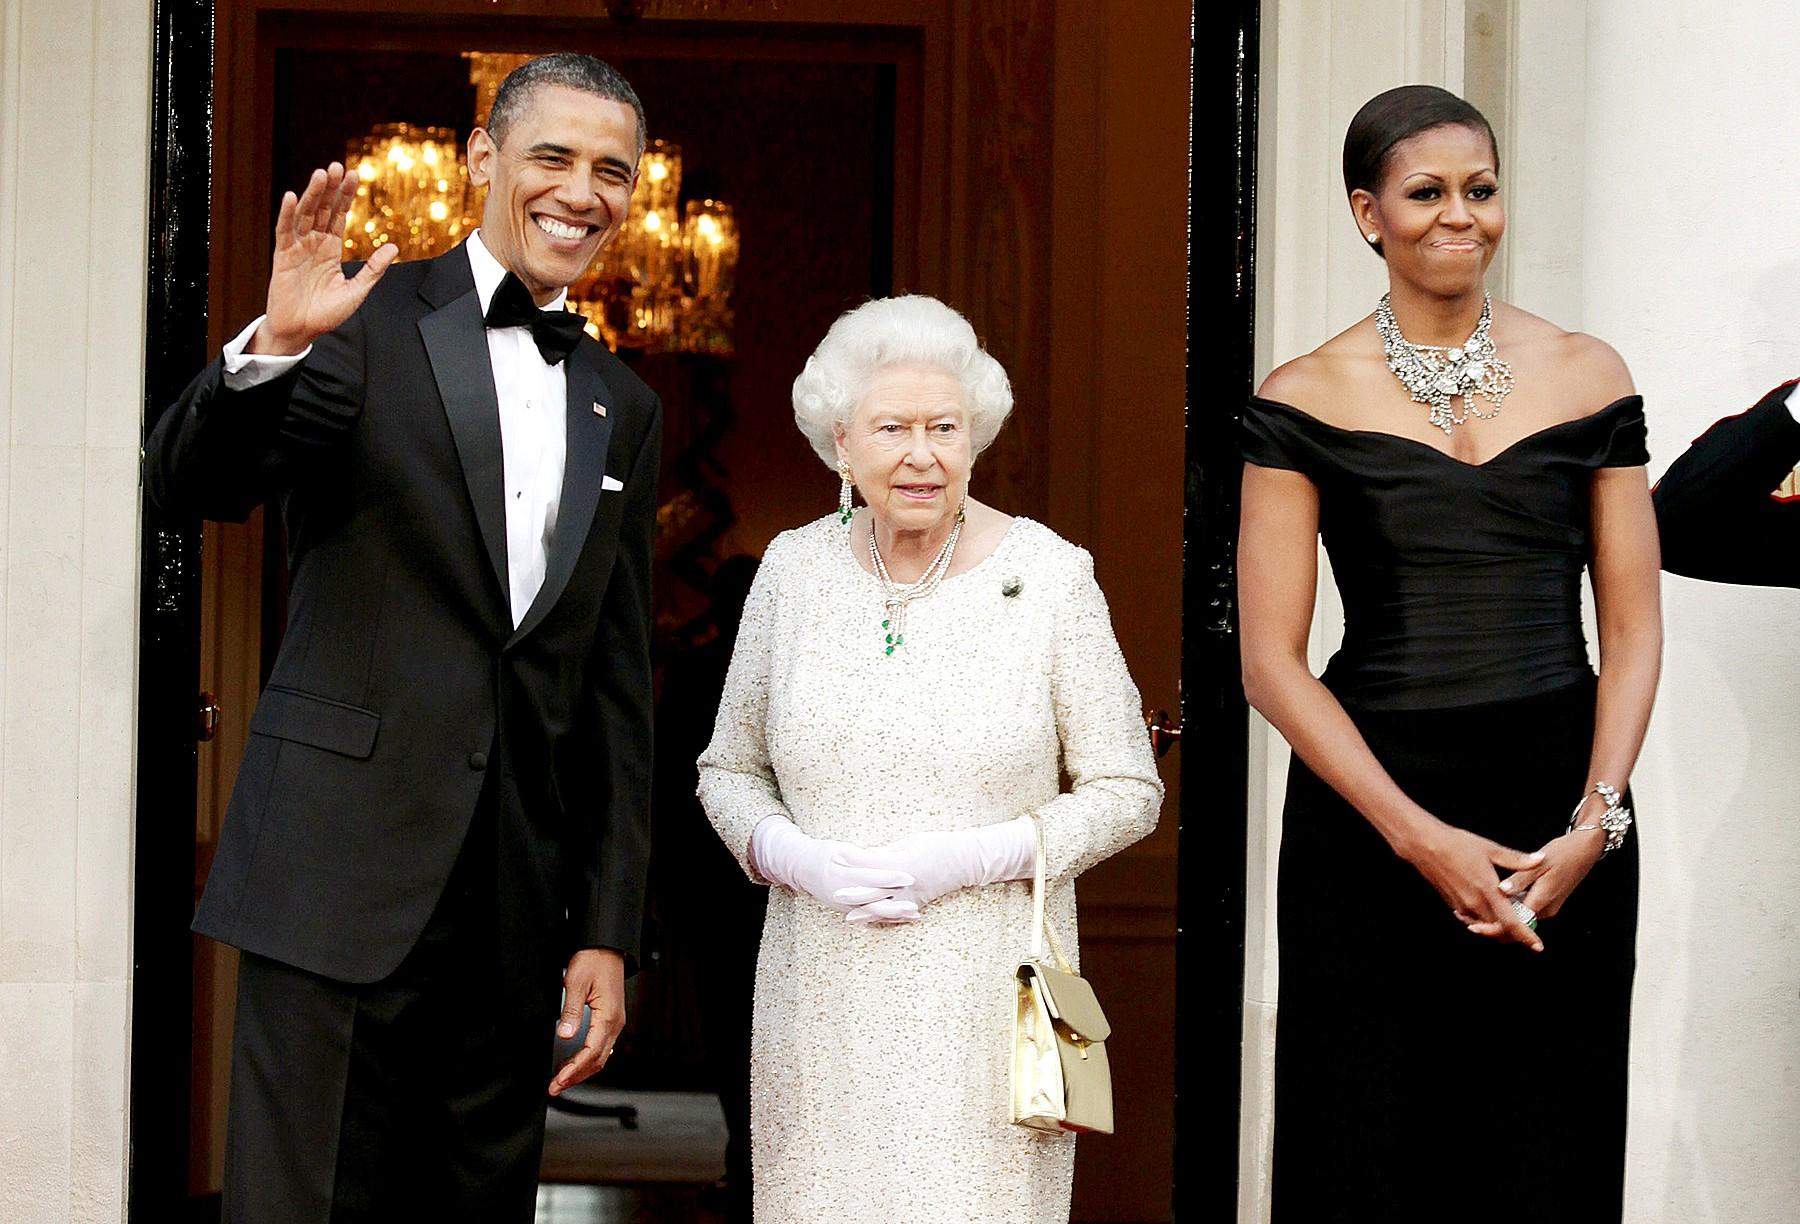 Đón tiếp Tổng thống Donad Trump, Nữ hoàng Anh đã chọn những món trang sức cài áo có ý nghĩa vô cùng đặc biệt - Ảnh 7.